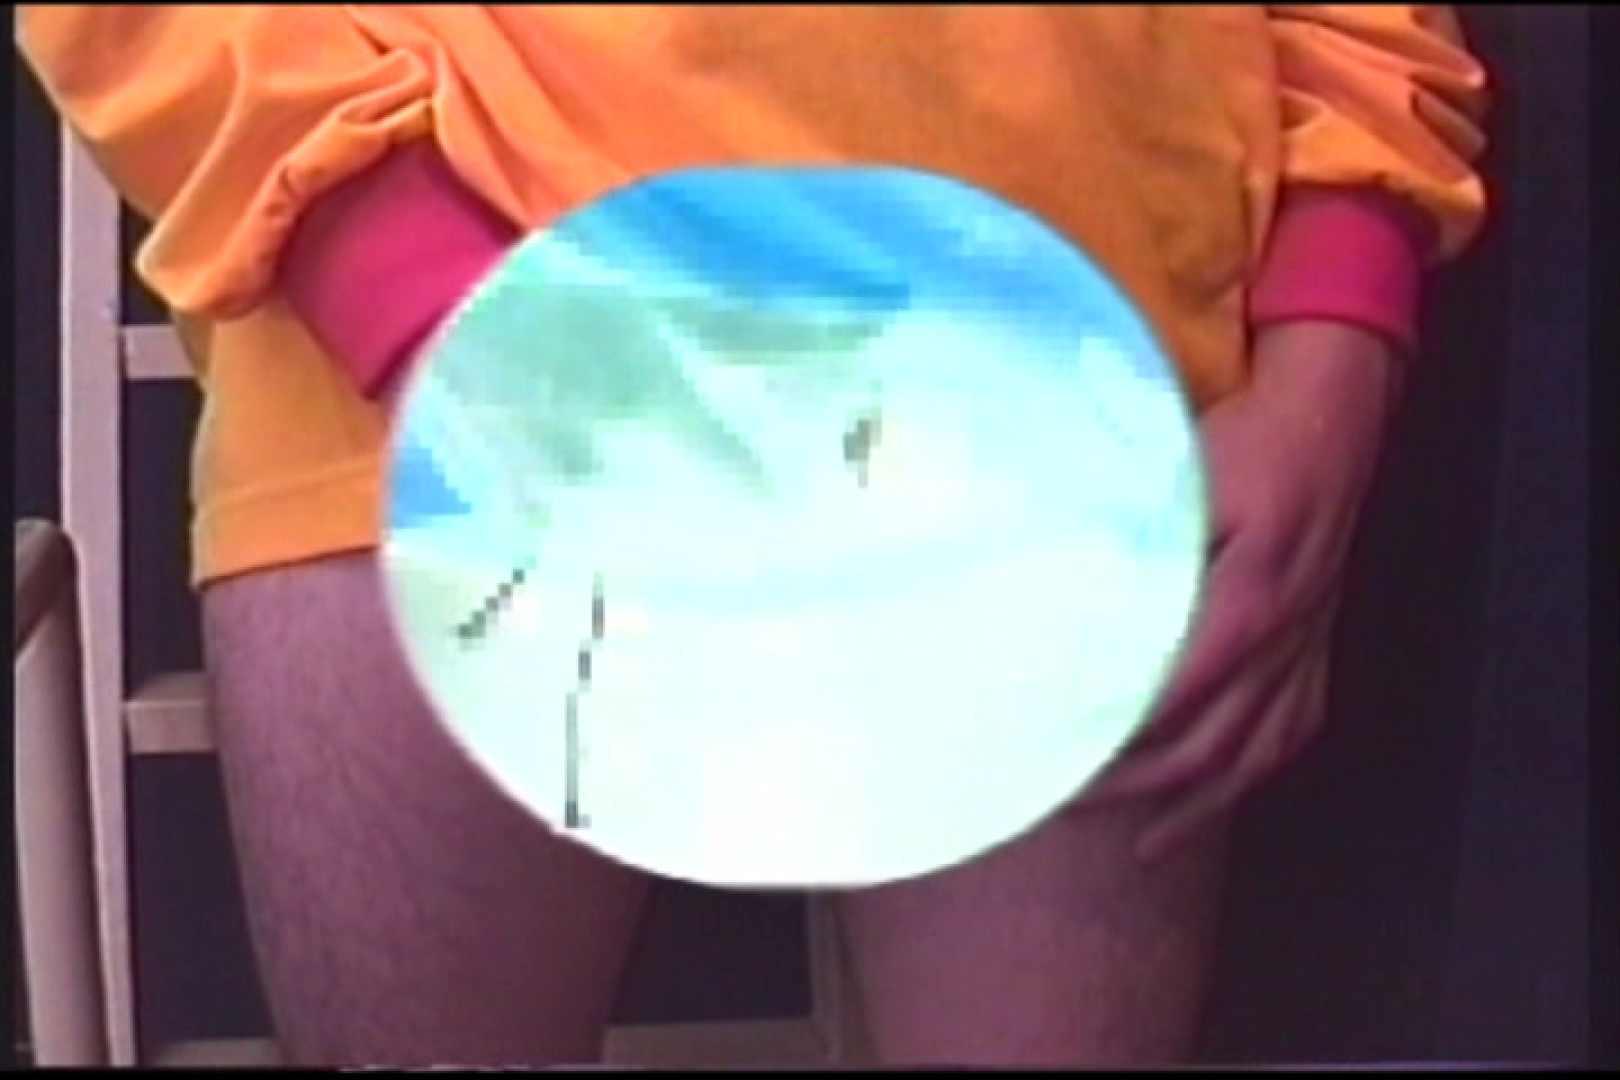 競パンエロLIFES VOL.01 エロ ちんこ画像 11画像 4